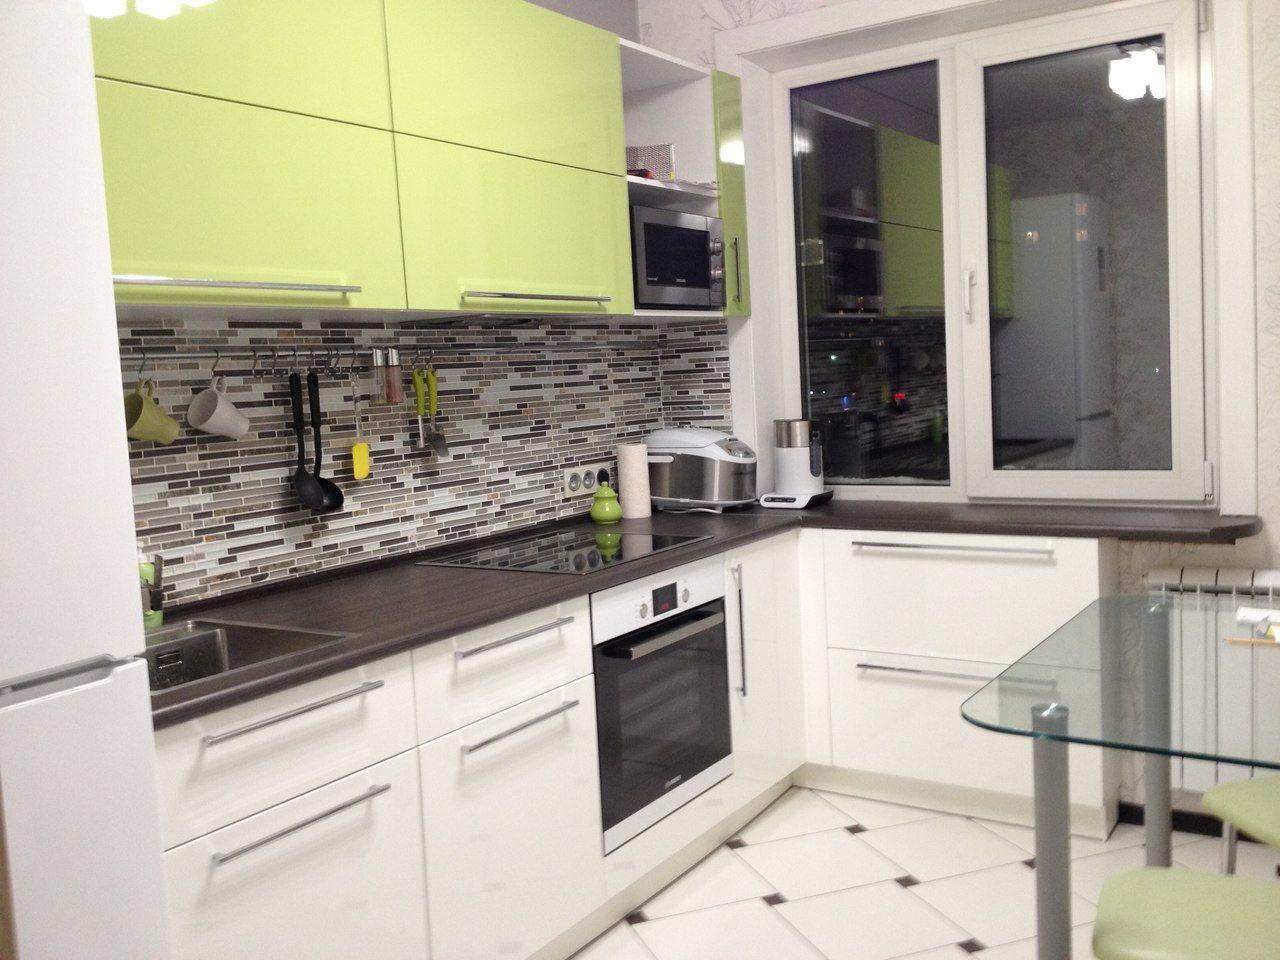 кухни 6м интерьер и дизайн фото в квартире угловые 3